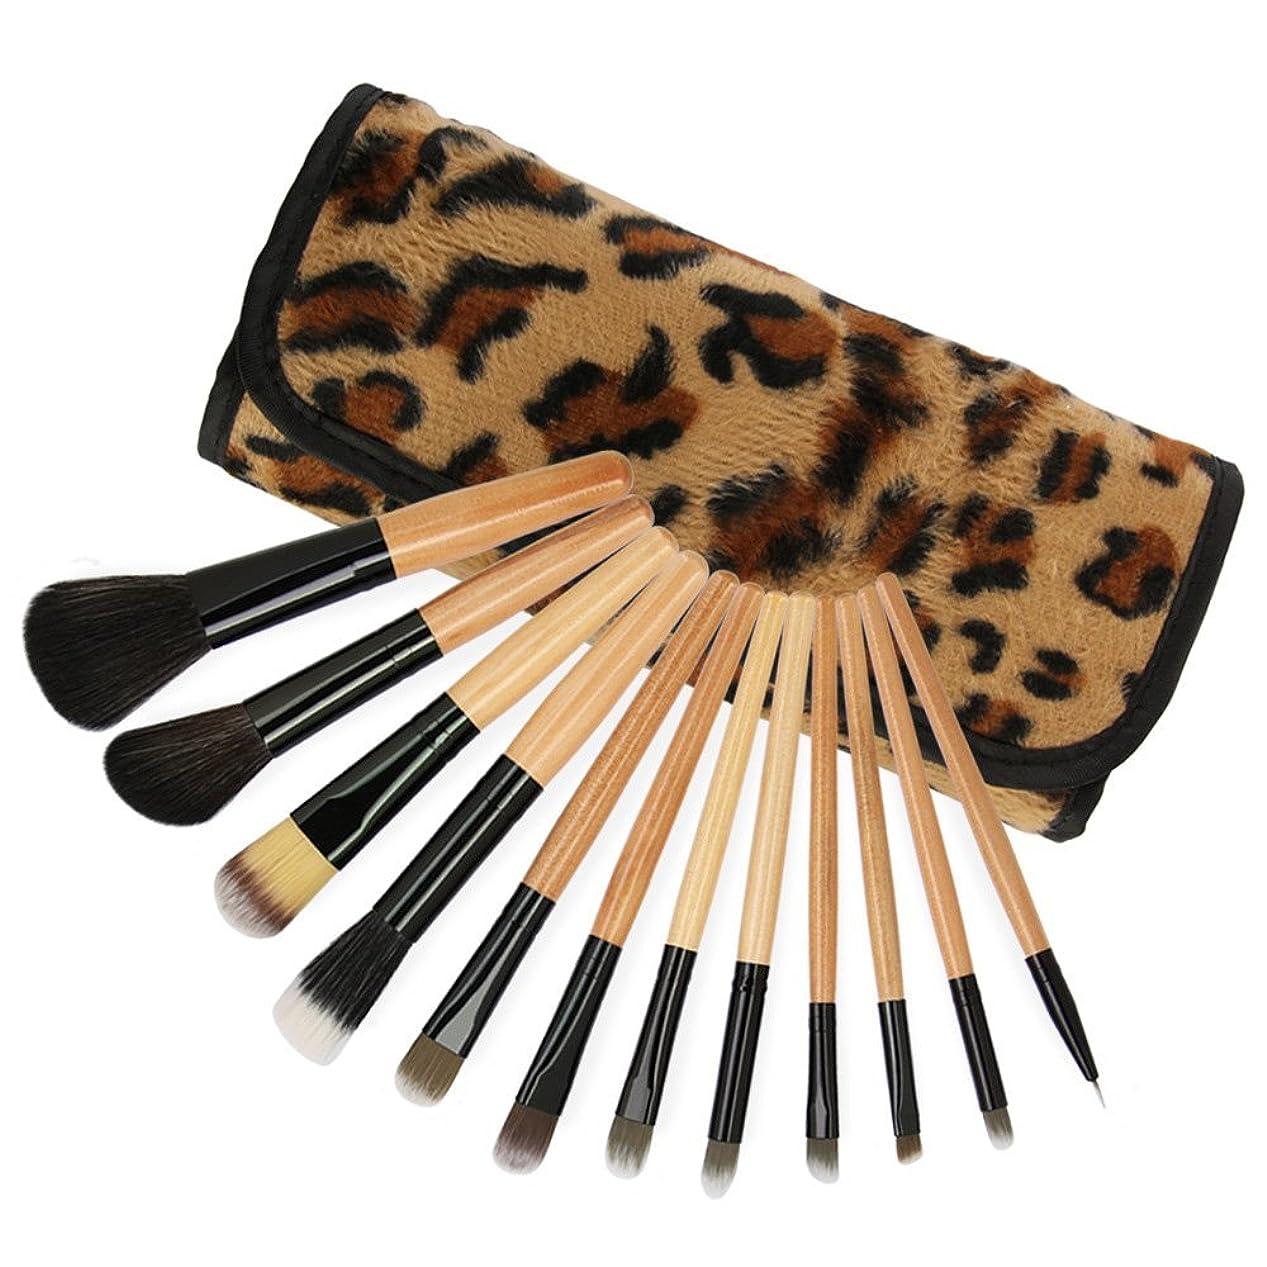 偽善カバーのスコア12個のメイクブラシセット化粧品ブラシツール柔らかいナイロンの髪の木製のハンドルアイシャドーアイライナーの唇ブレンドビューティーとヒョウホルダーバッグ